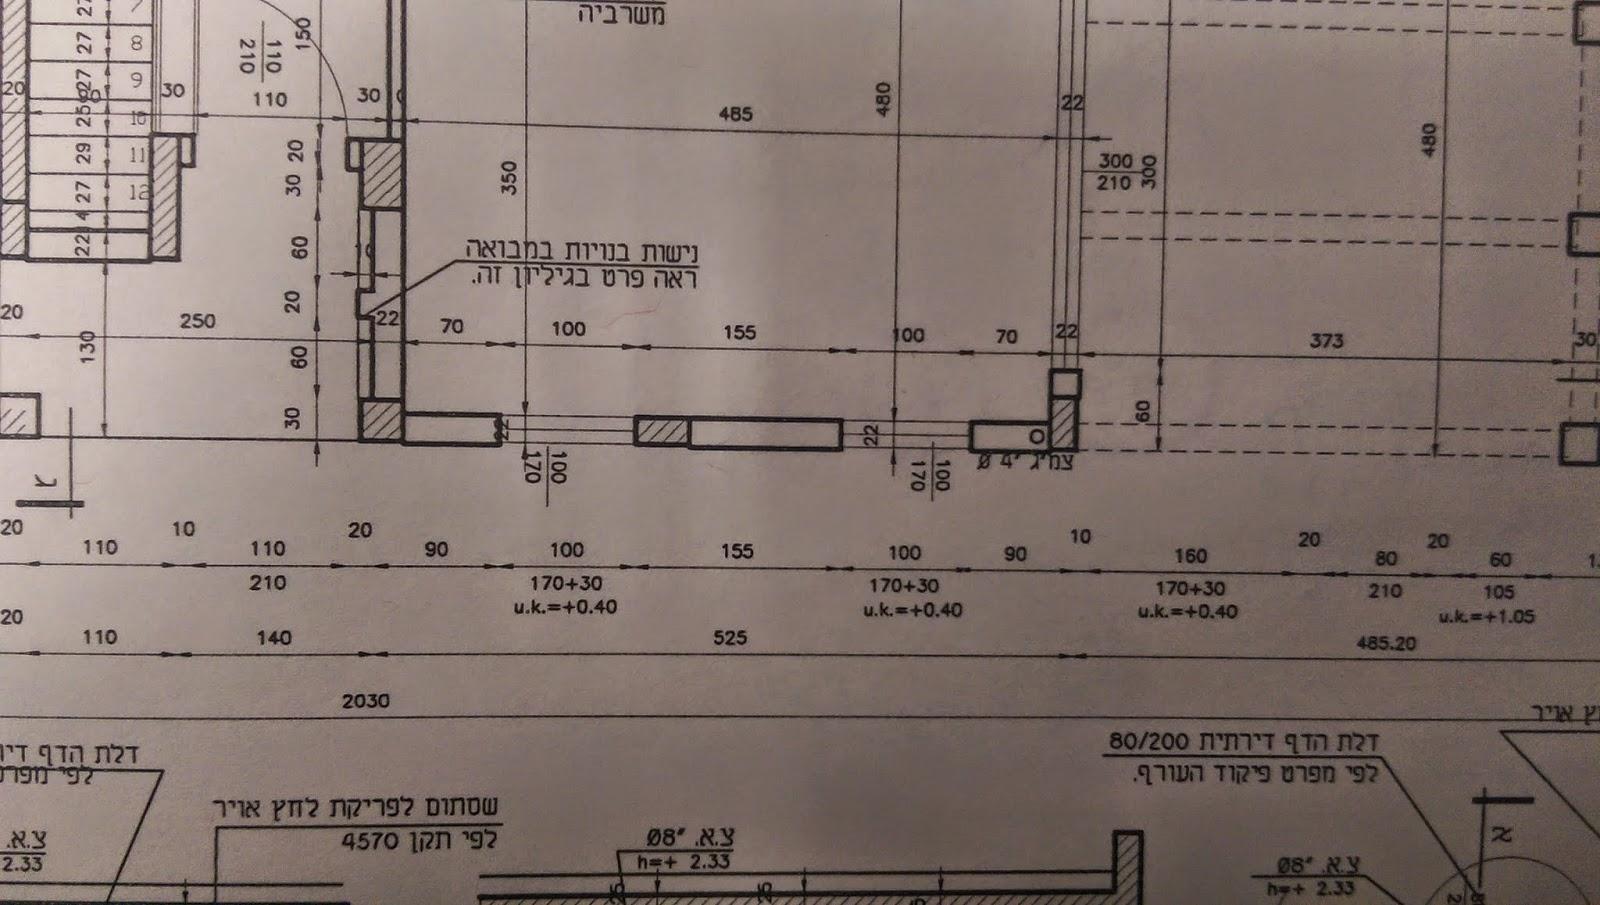 תוכנית אדריכלית-  מידות חלונות ומידות כלליות